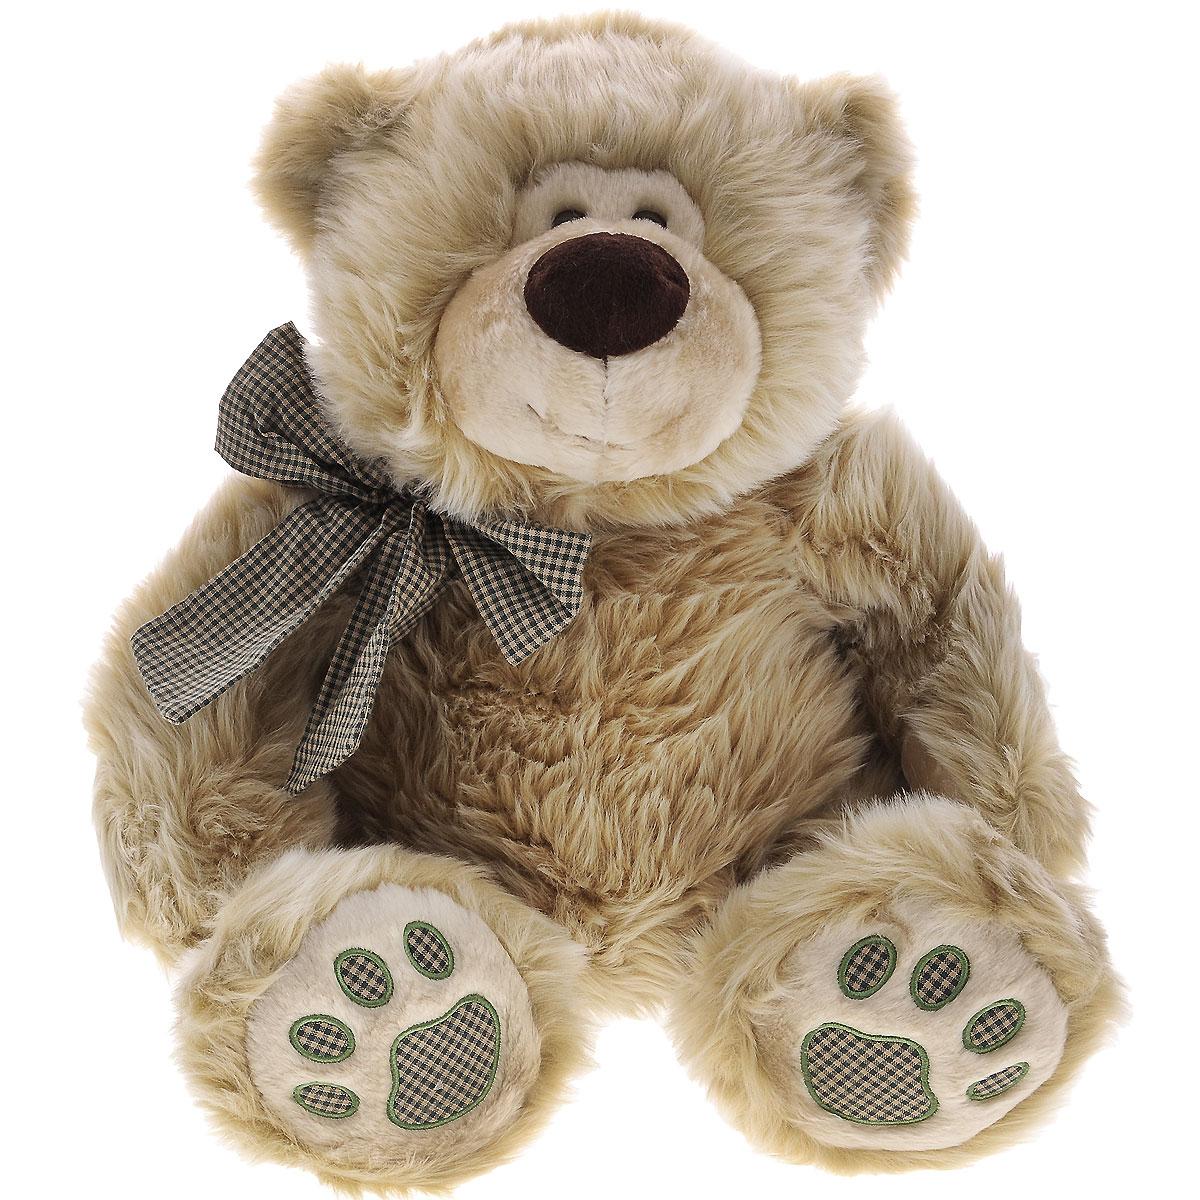 Мягкая игрушка Plush Apple Медведь с бантиком, 60 смK73148BМягкая игрушка Plush Apple Медведь с бантиком будет неизменно радовать вашего ребенка. Игрушка изготовлена из высококачественных текстильных материалов. Выполнена игрушка в виде очаровательного медведя с бантиком на шее. Удивительно мягкая игрушка принесет радость и подарит своему обладателю мгновения нежных объятий и приятных воспоминаний.